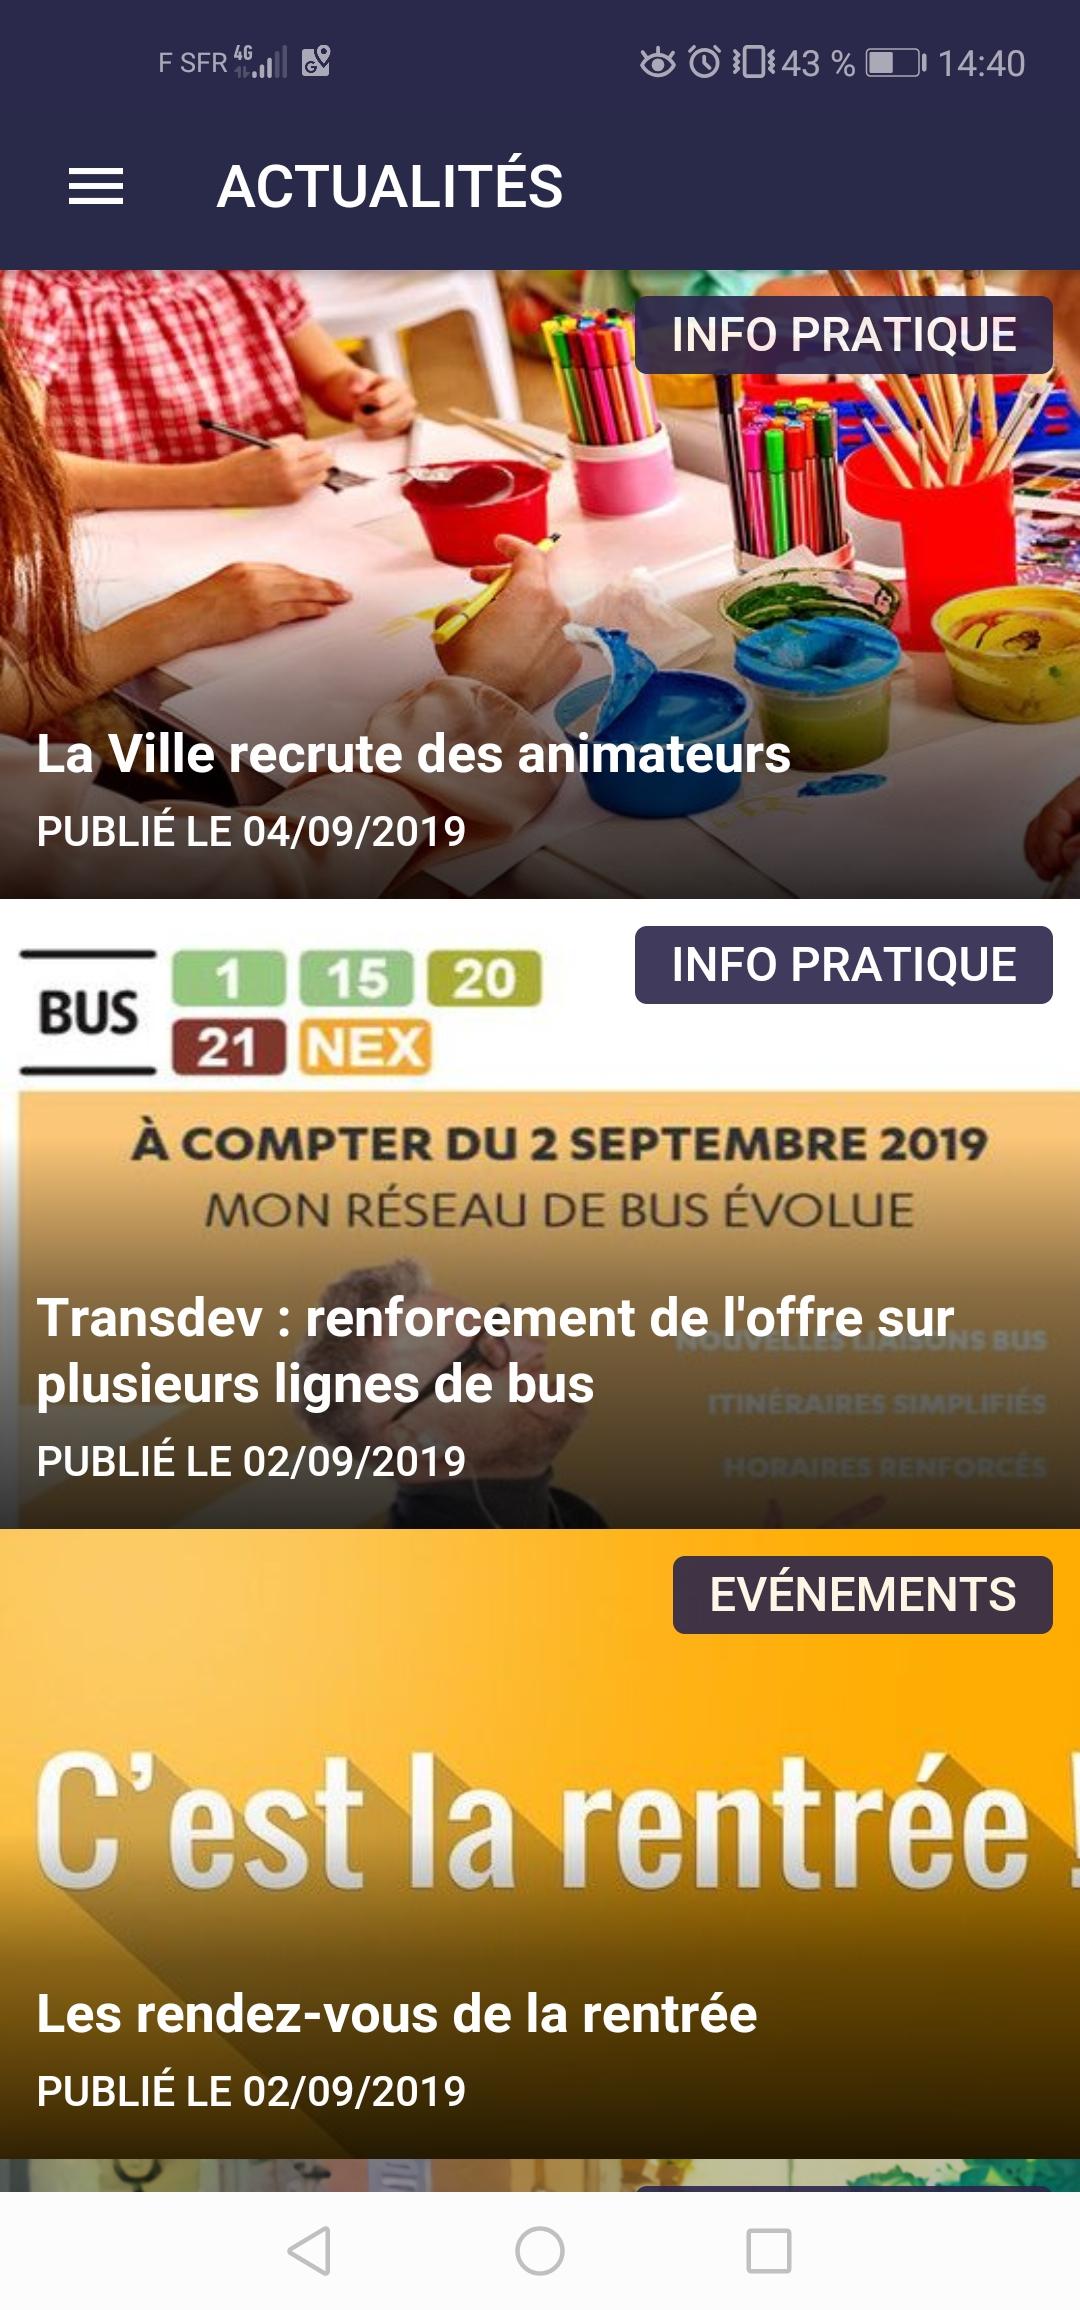 """Rubrique """"Actualités"""" de l'application mobile SGLL"""